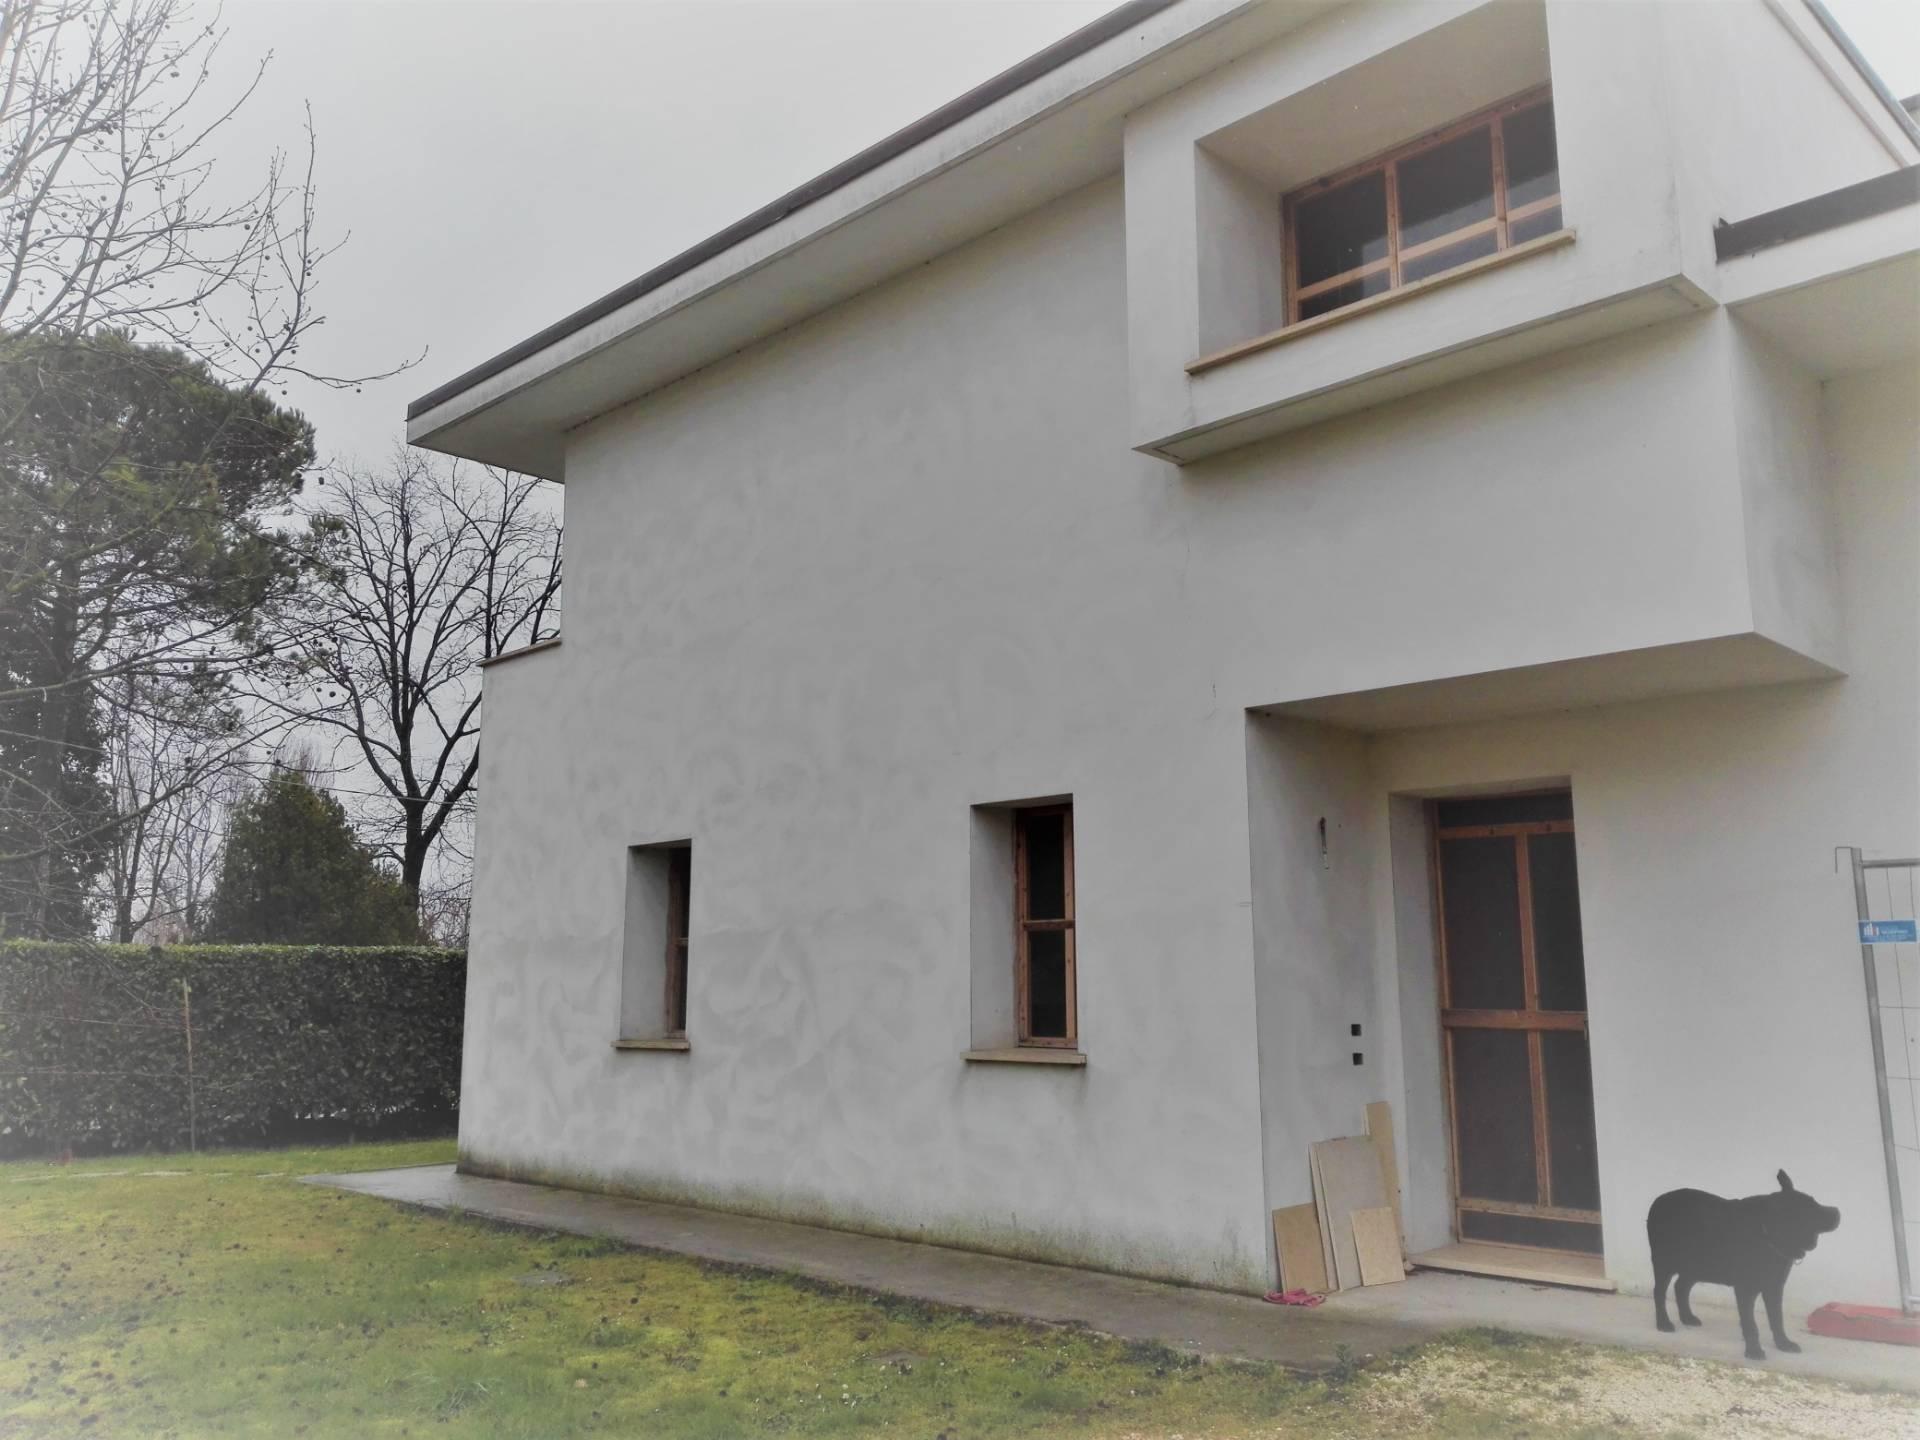 Villa Bifamiliare in vendita a Zero Branco, 7 locali, prezzo € 210.000 | CambioCasa.it